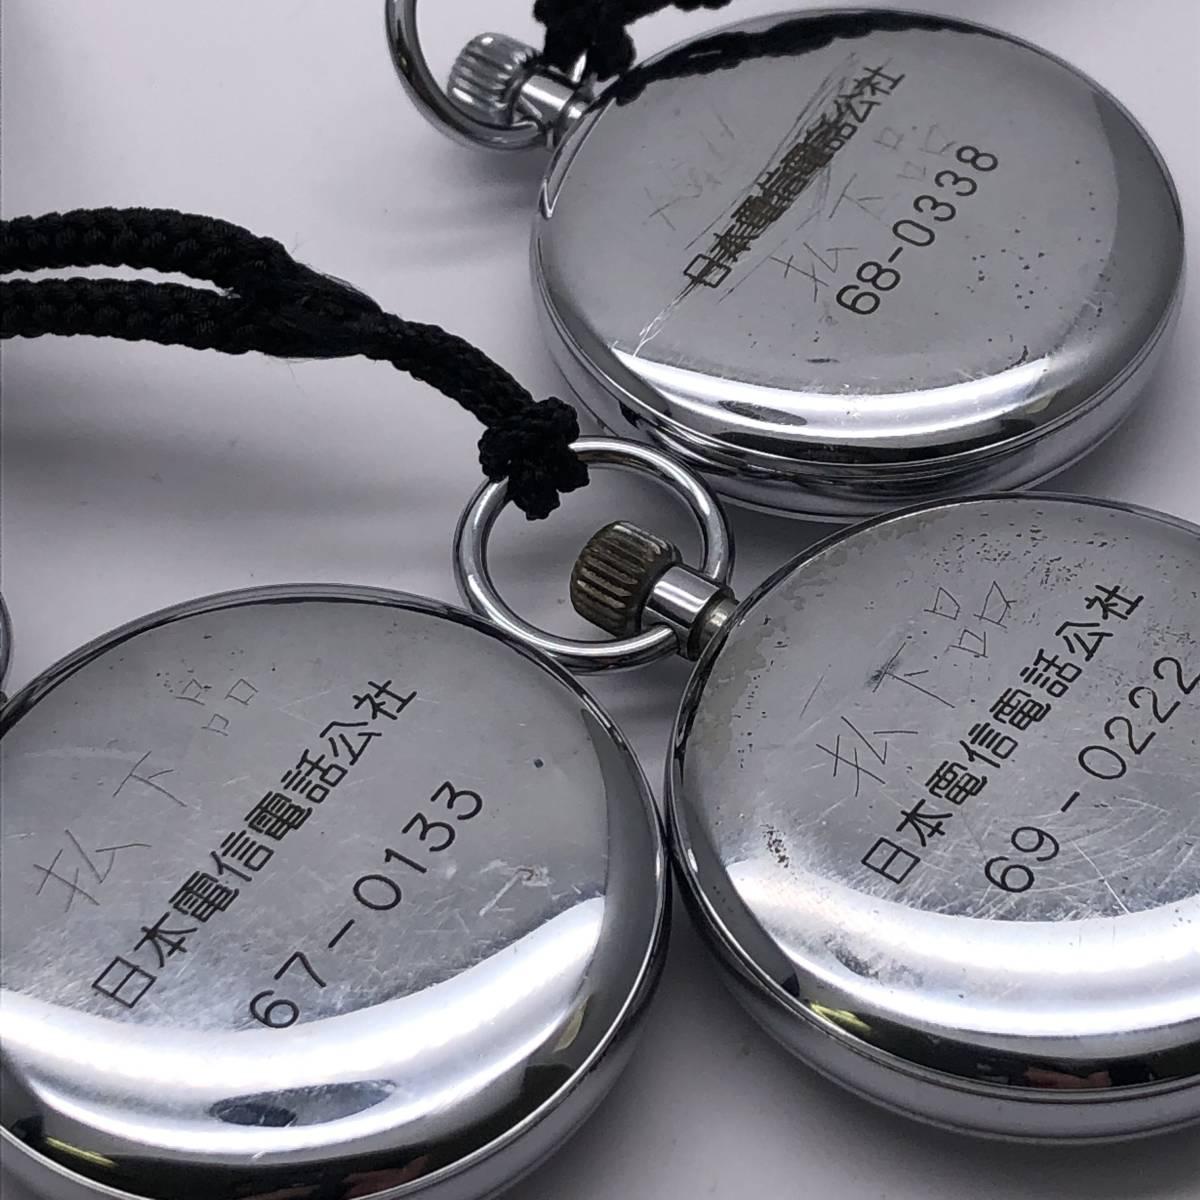 【1円スタート】915644-1399 日本電信電話公社 払下品 懐中時計 稼動品 3点おまとめ やや傷や汚れあり_画像7